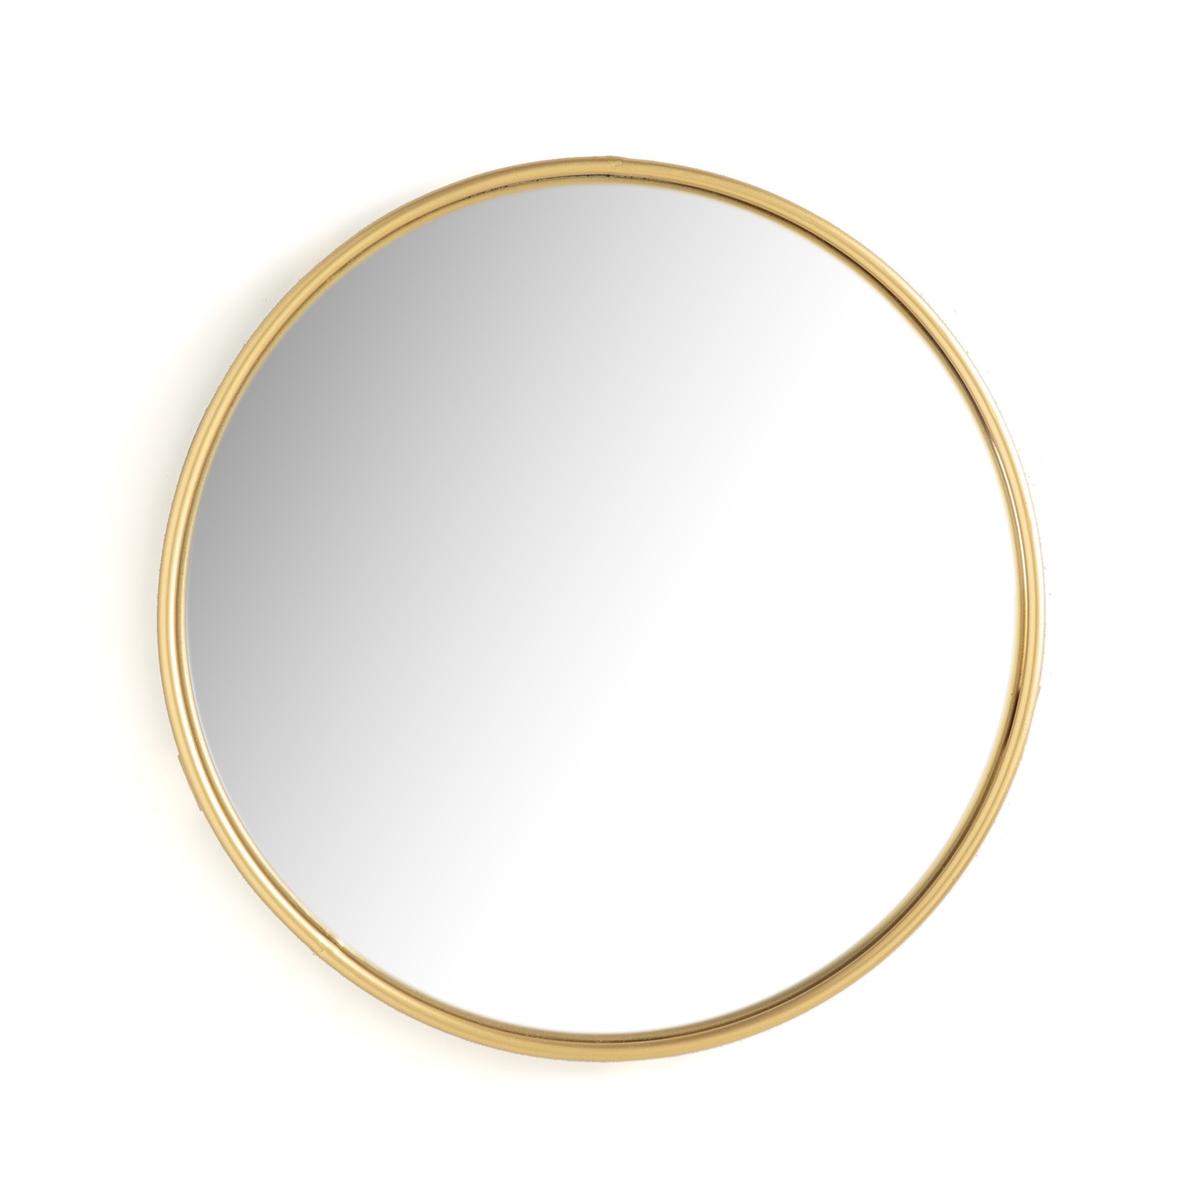 Зеркало La Redoute Для гадания см Uyova единый размер другие зеркала la redoute uyova в форме домика единый размер желтый